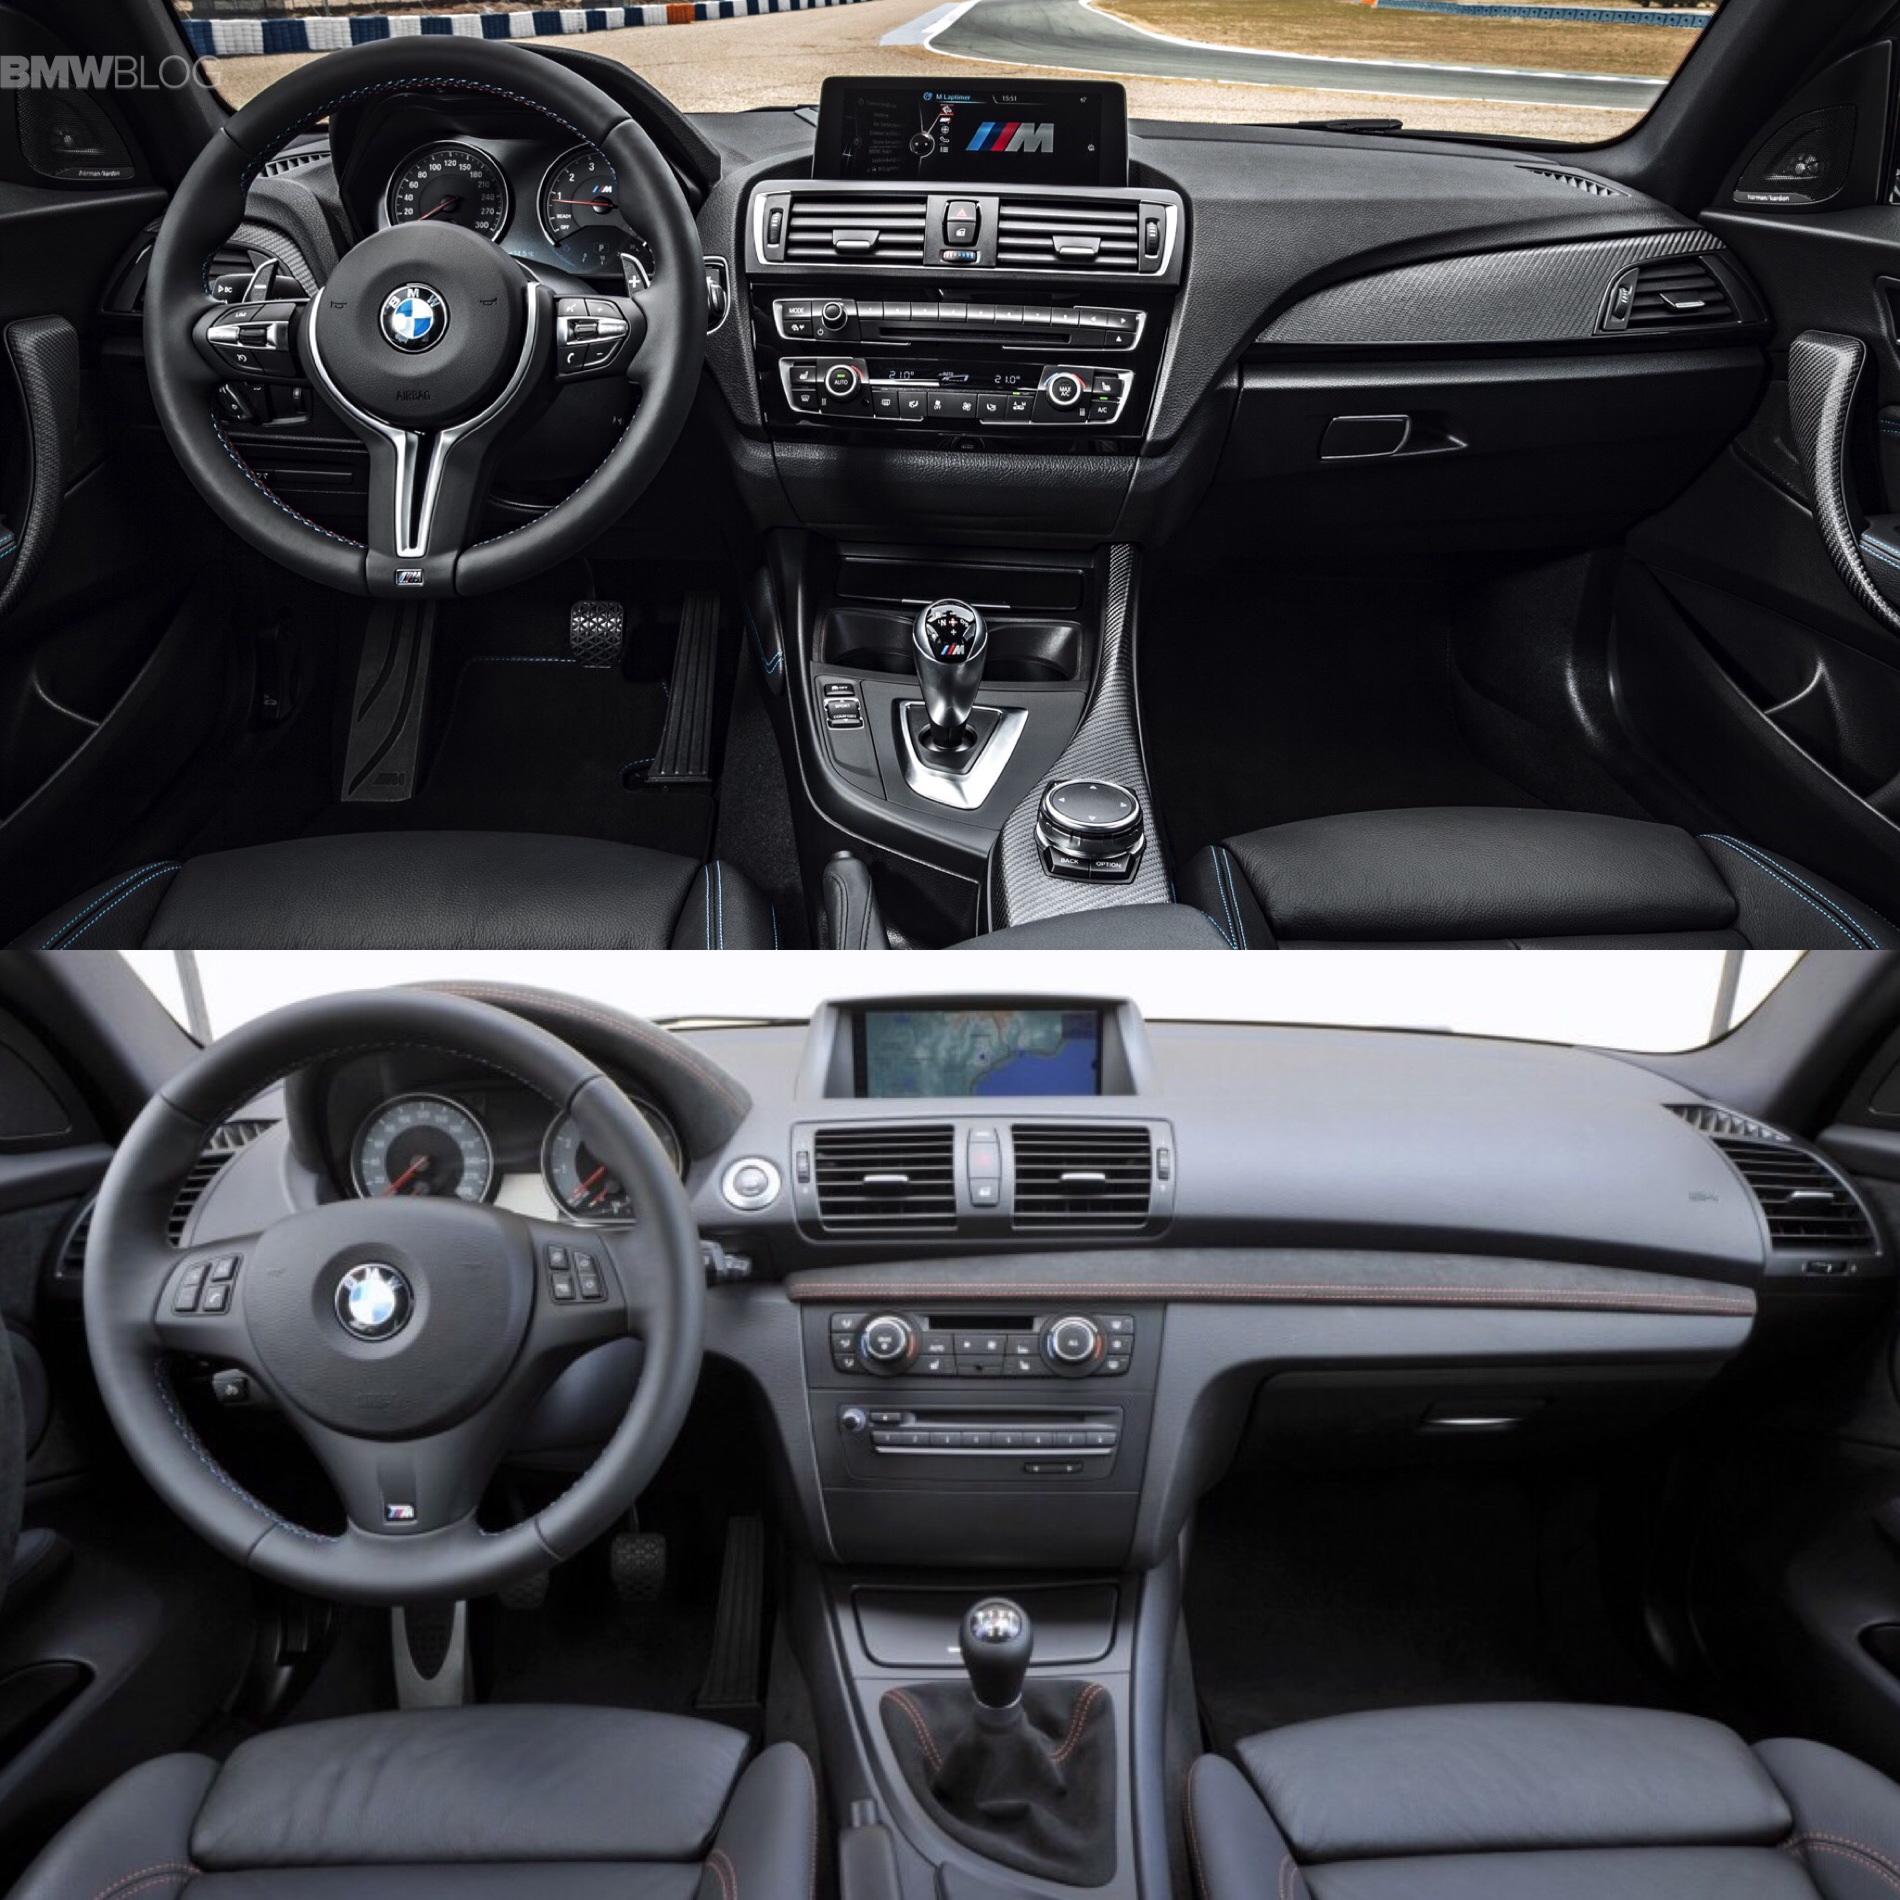 BMW M2 vs. BMW 1M - Photo Comparison